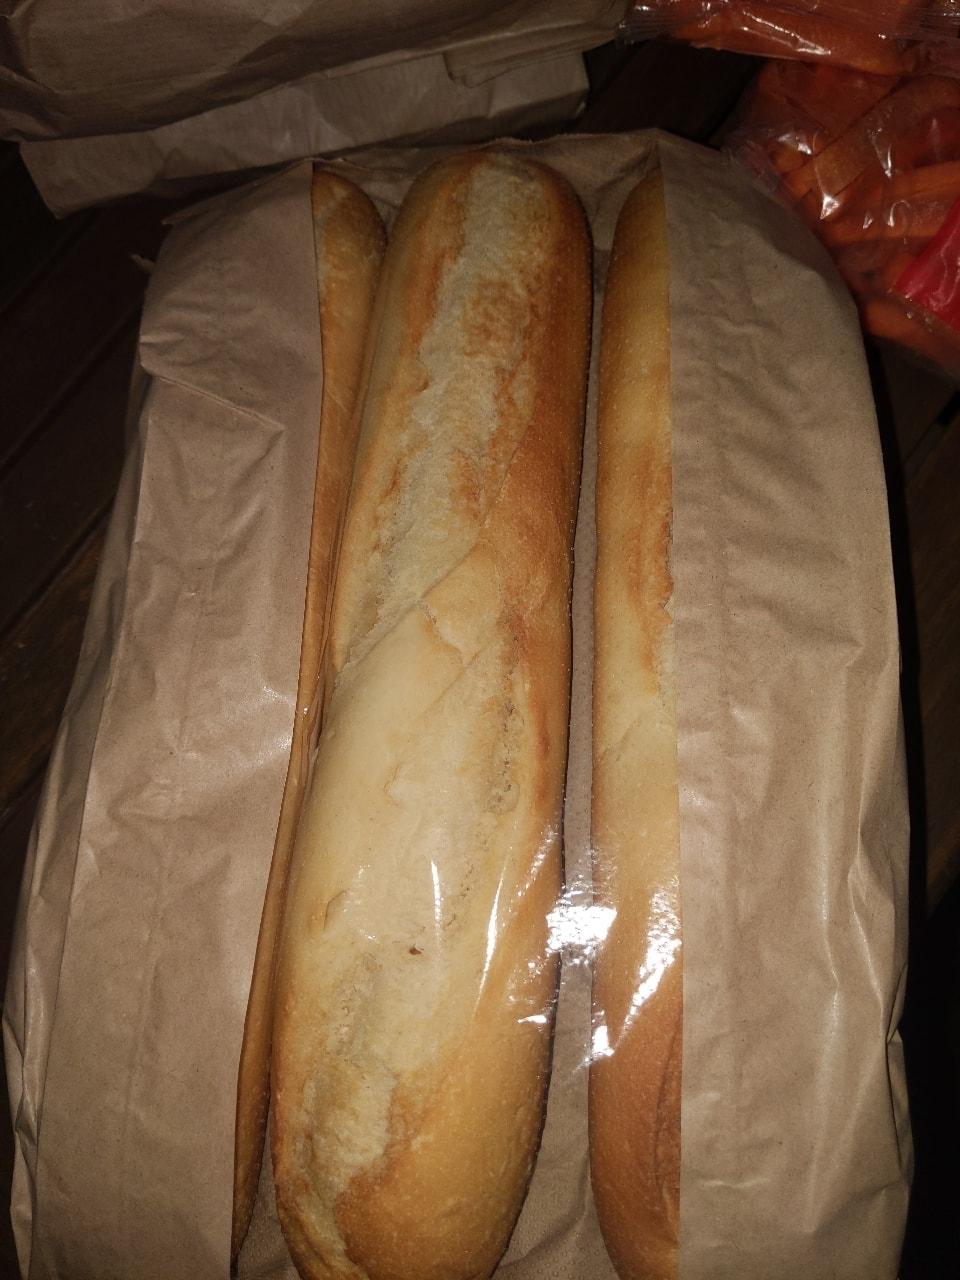 3 demi baguettes